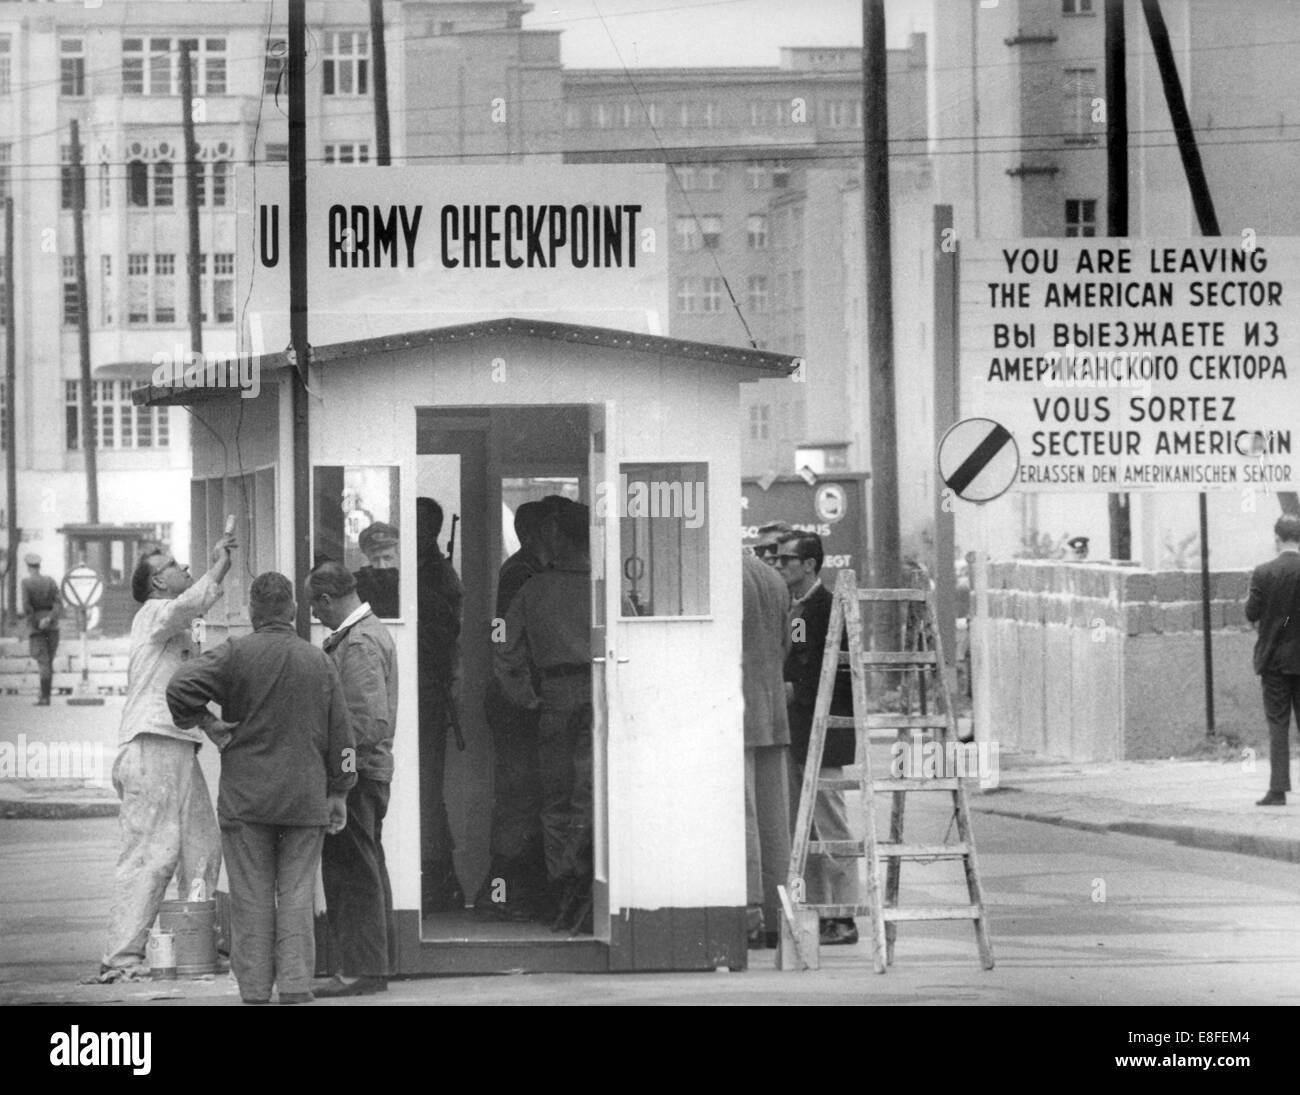 Los trabajadores construyendo una frontera impermeable lodge por soldados estadounidenses en el checkpoint Friedrichstraße, Imagen De Stock